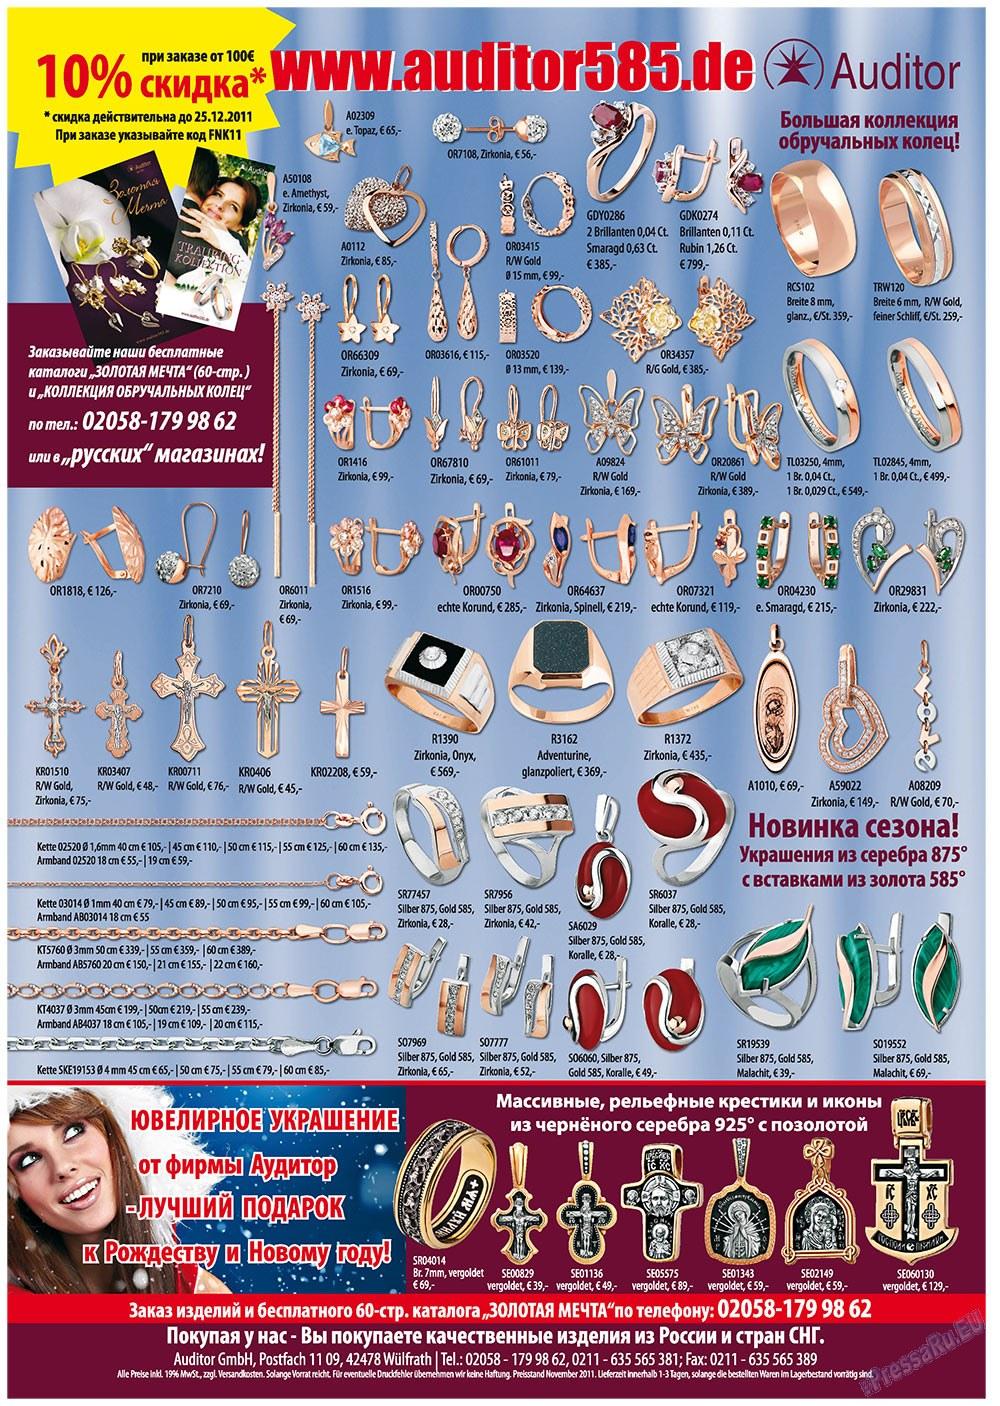 Товары и услуги (газета). 2011 год, номер 5, стр. 17